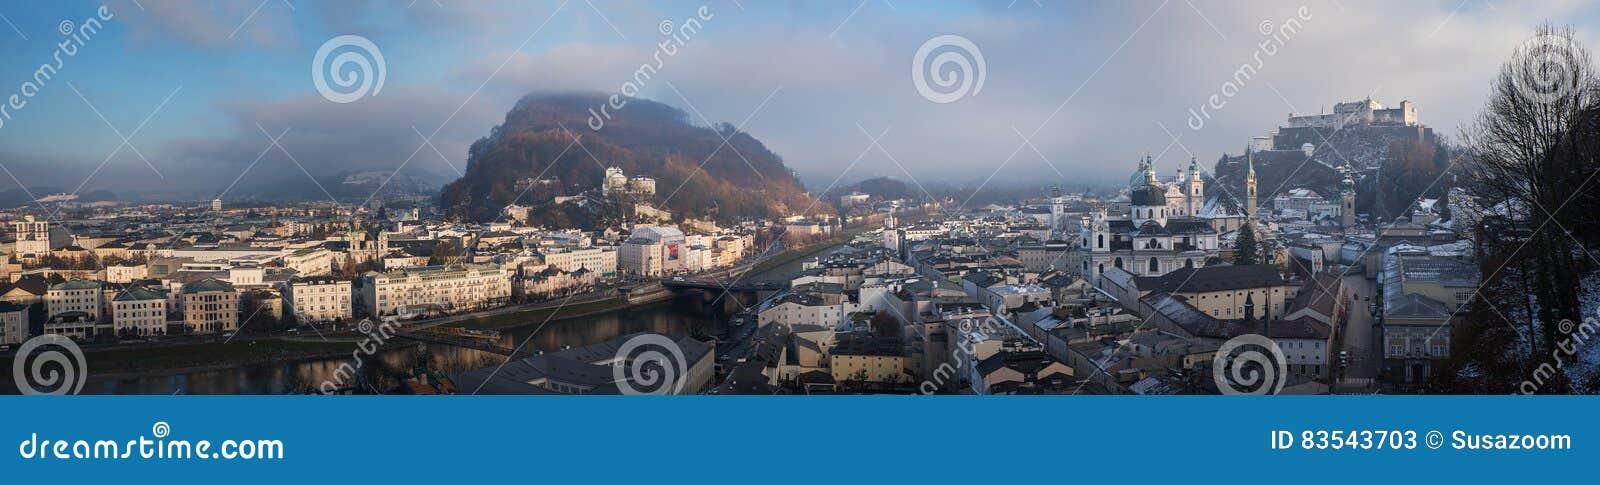 Alte Stadt von Salzburg an der Dämmerung - Panoramablick von mönchsberg h